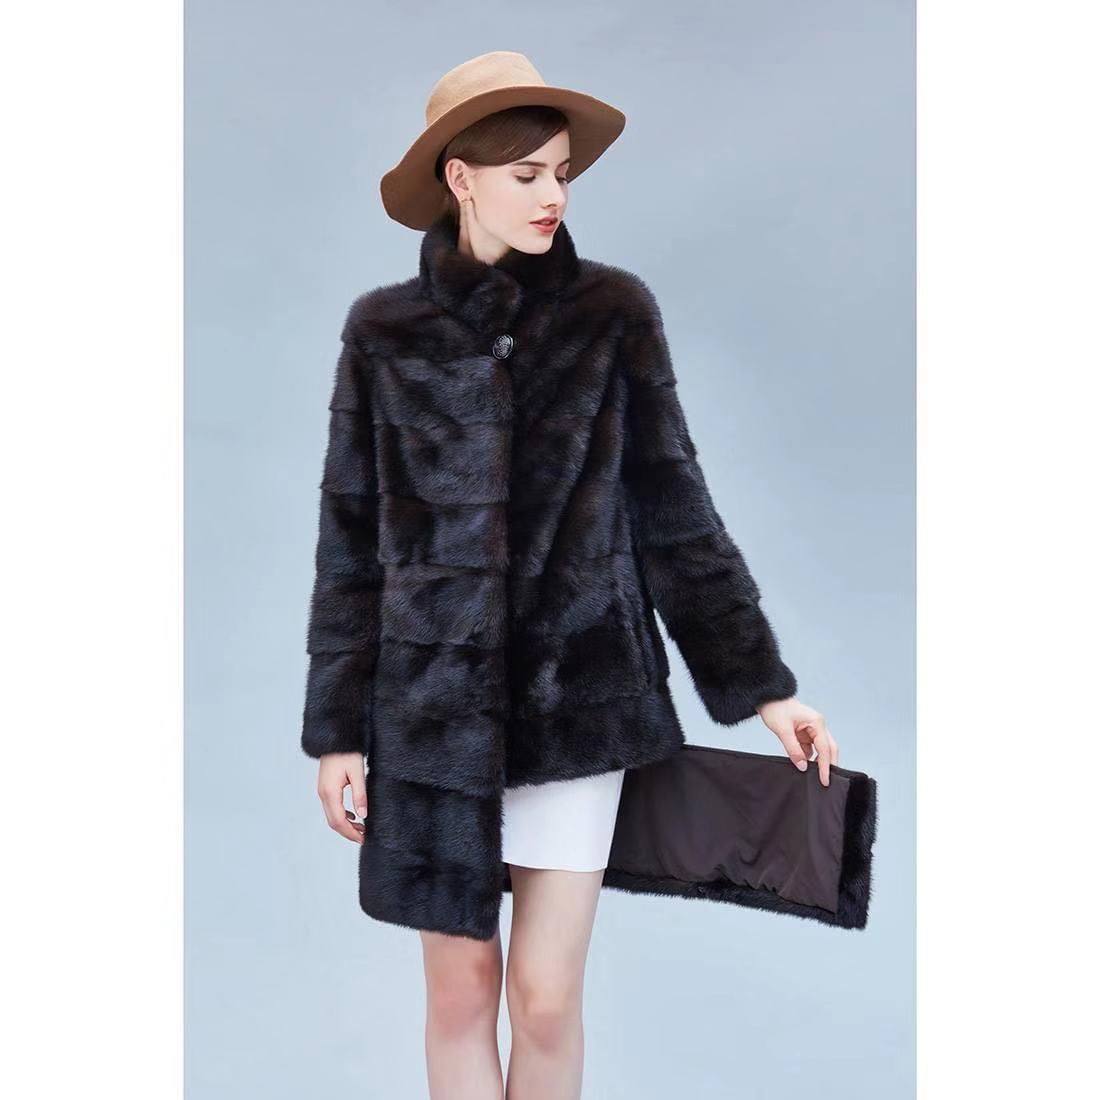 فرو منك معطف المرأة معطف الفرو الطبيعي معطف فرو منك حقيقي المرأة معطف الفرو الحقيقي طويل السيدات ملابس شتوية XL